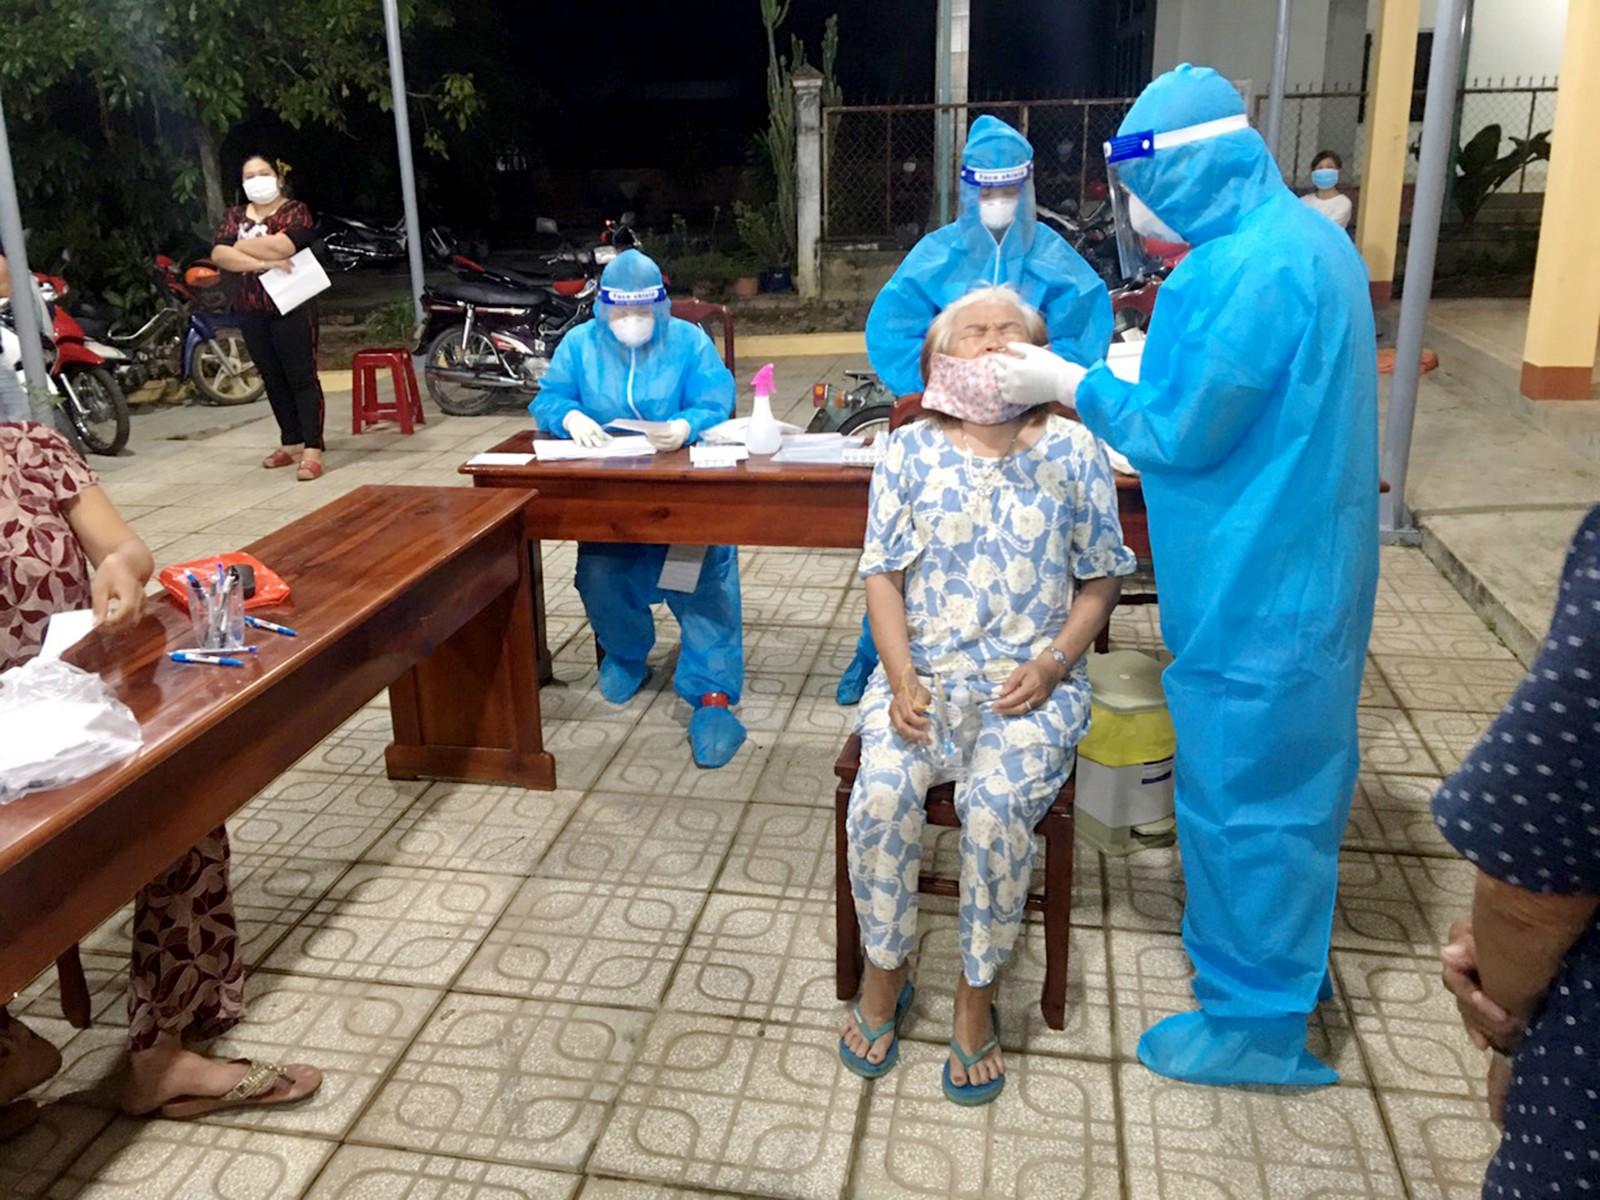 Y tế Diễn biến dịch ngày 21/7: 3556 ca mắc mới tại TP. Hồ Chí Minh trong 24 giờ  - Ảnh 3.